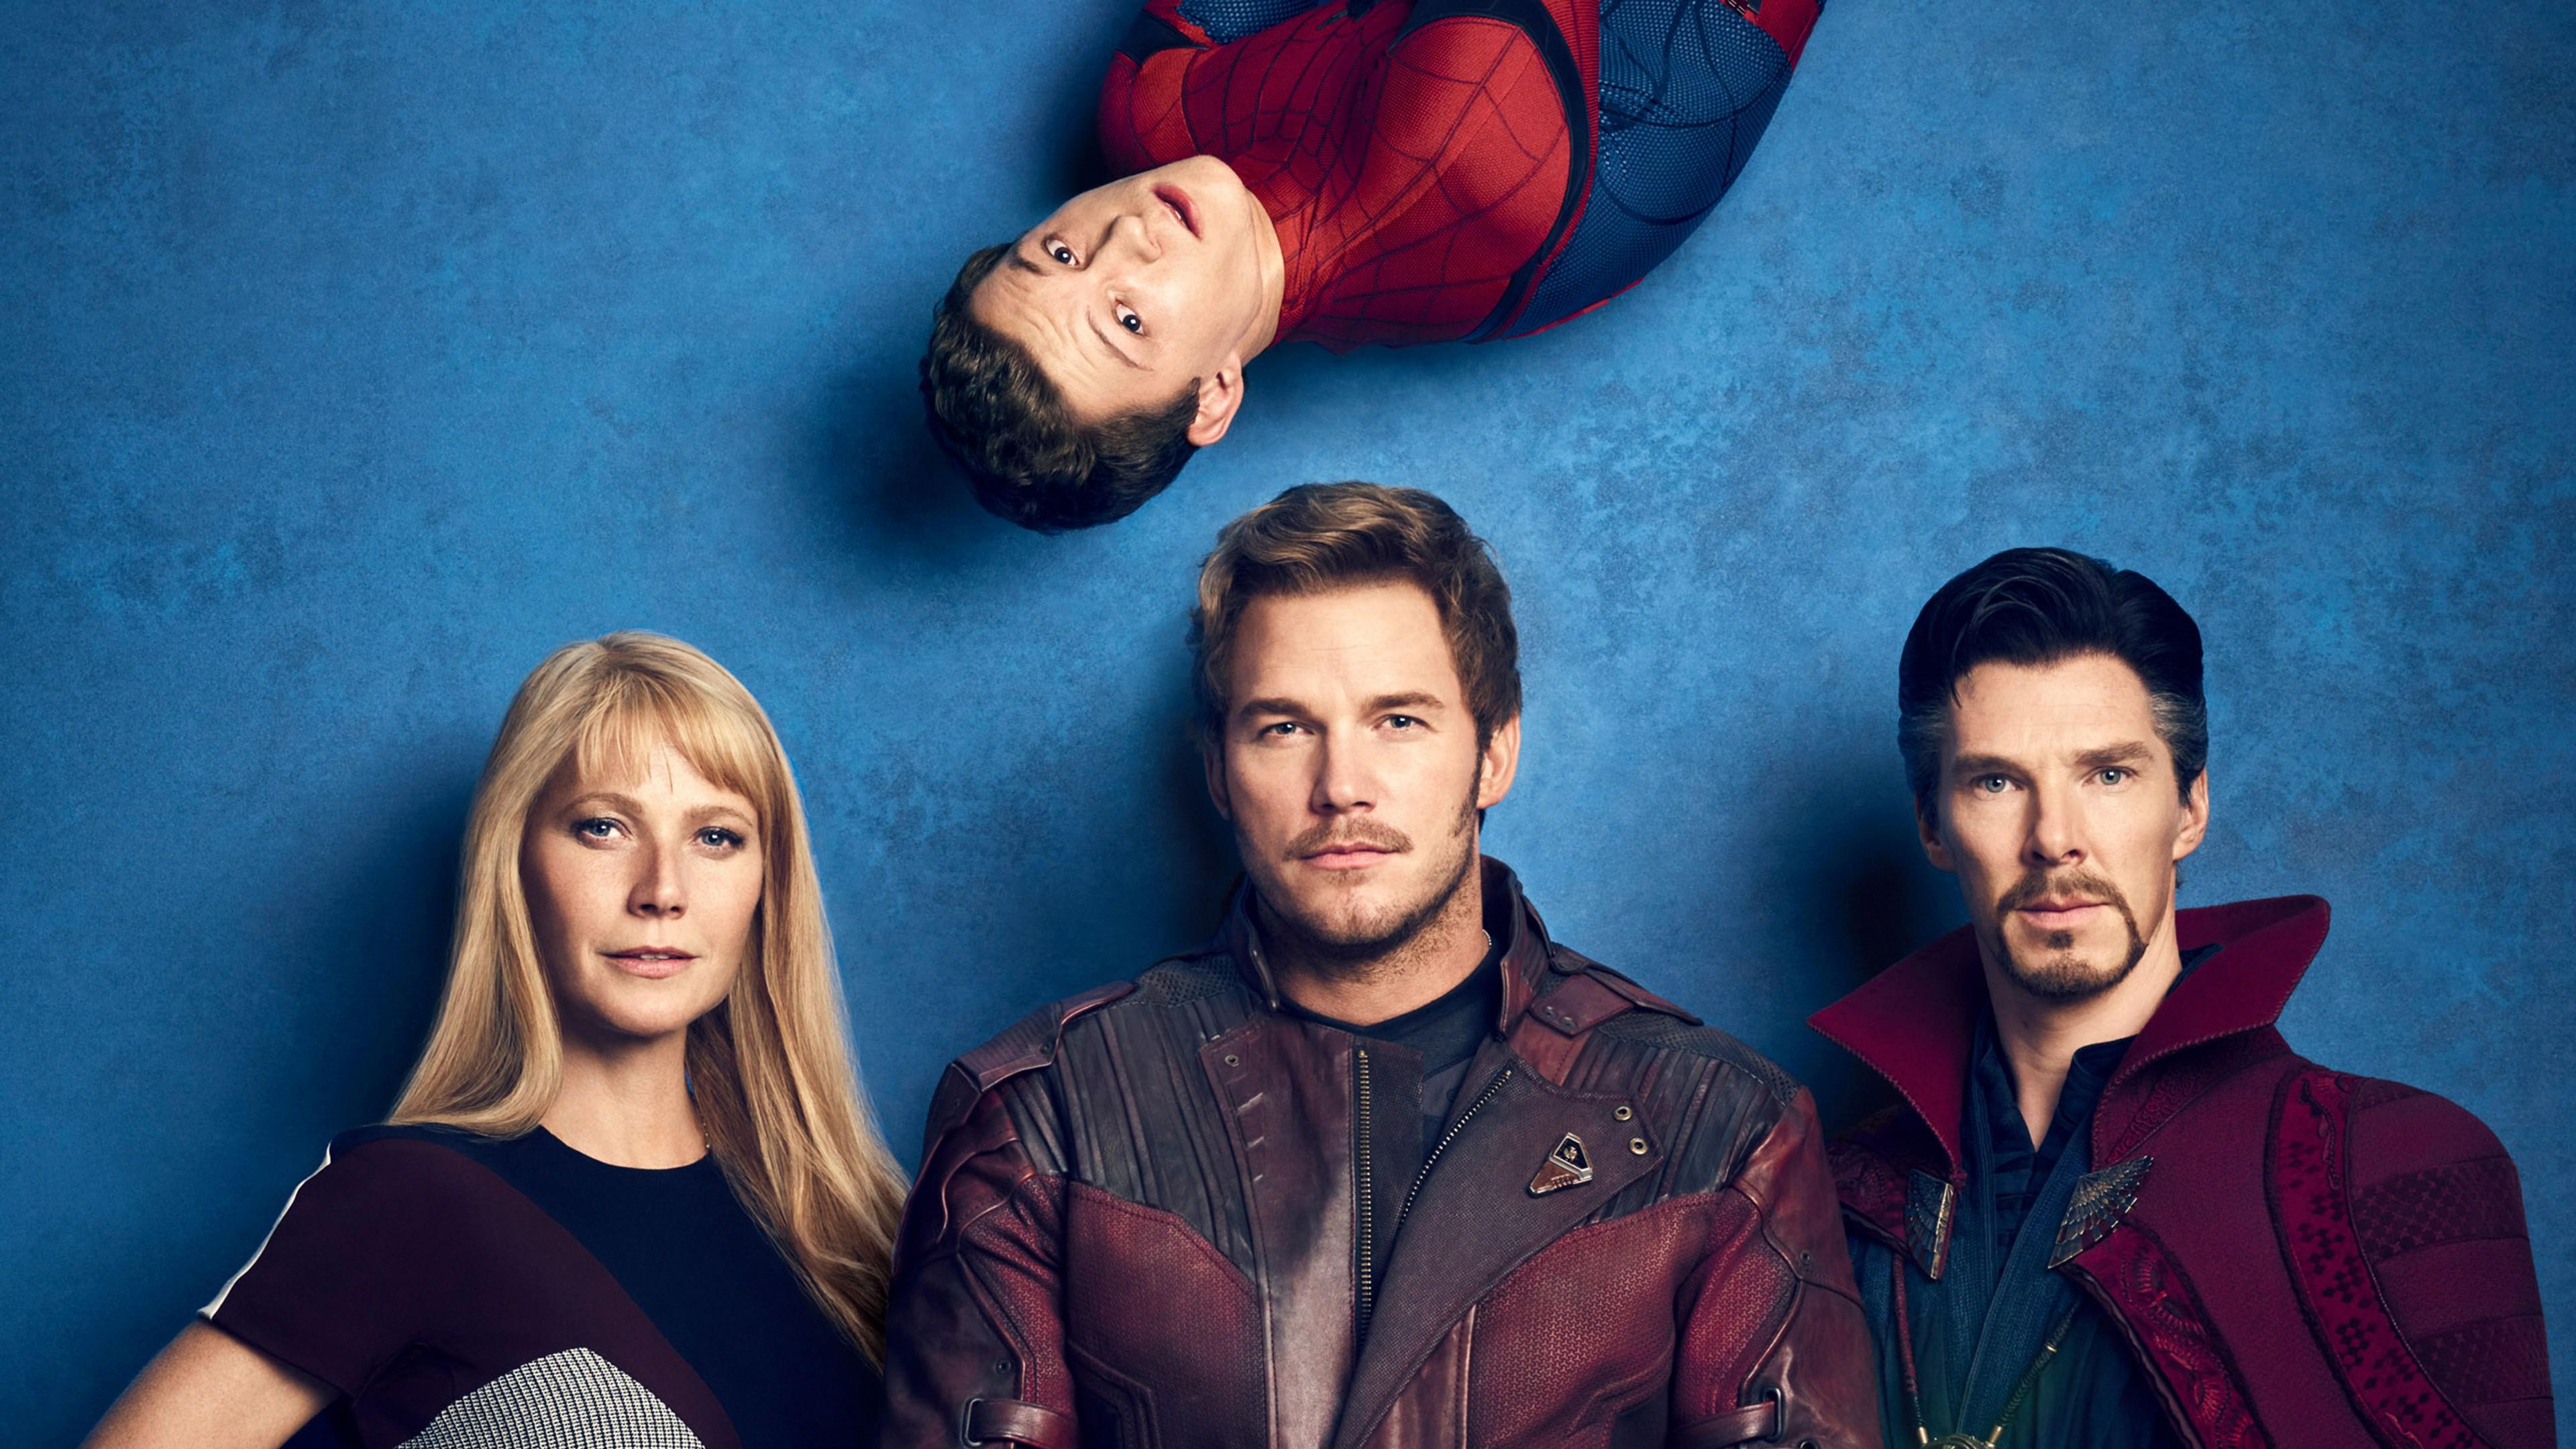 Реклама о главных героях в фильме Человек-паук на синем фоне